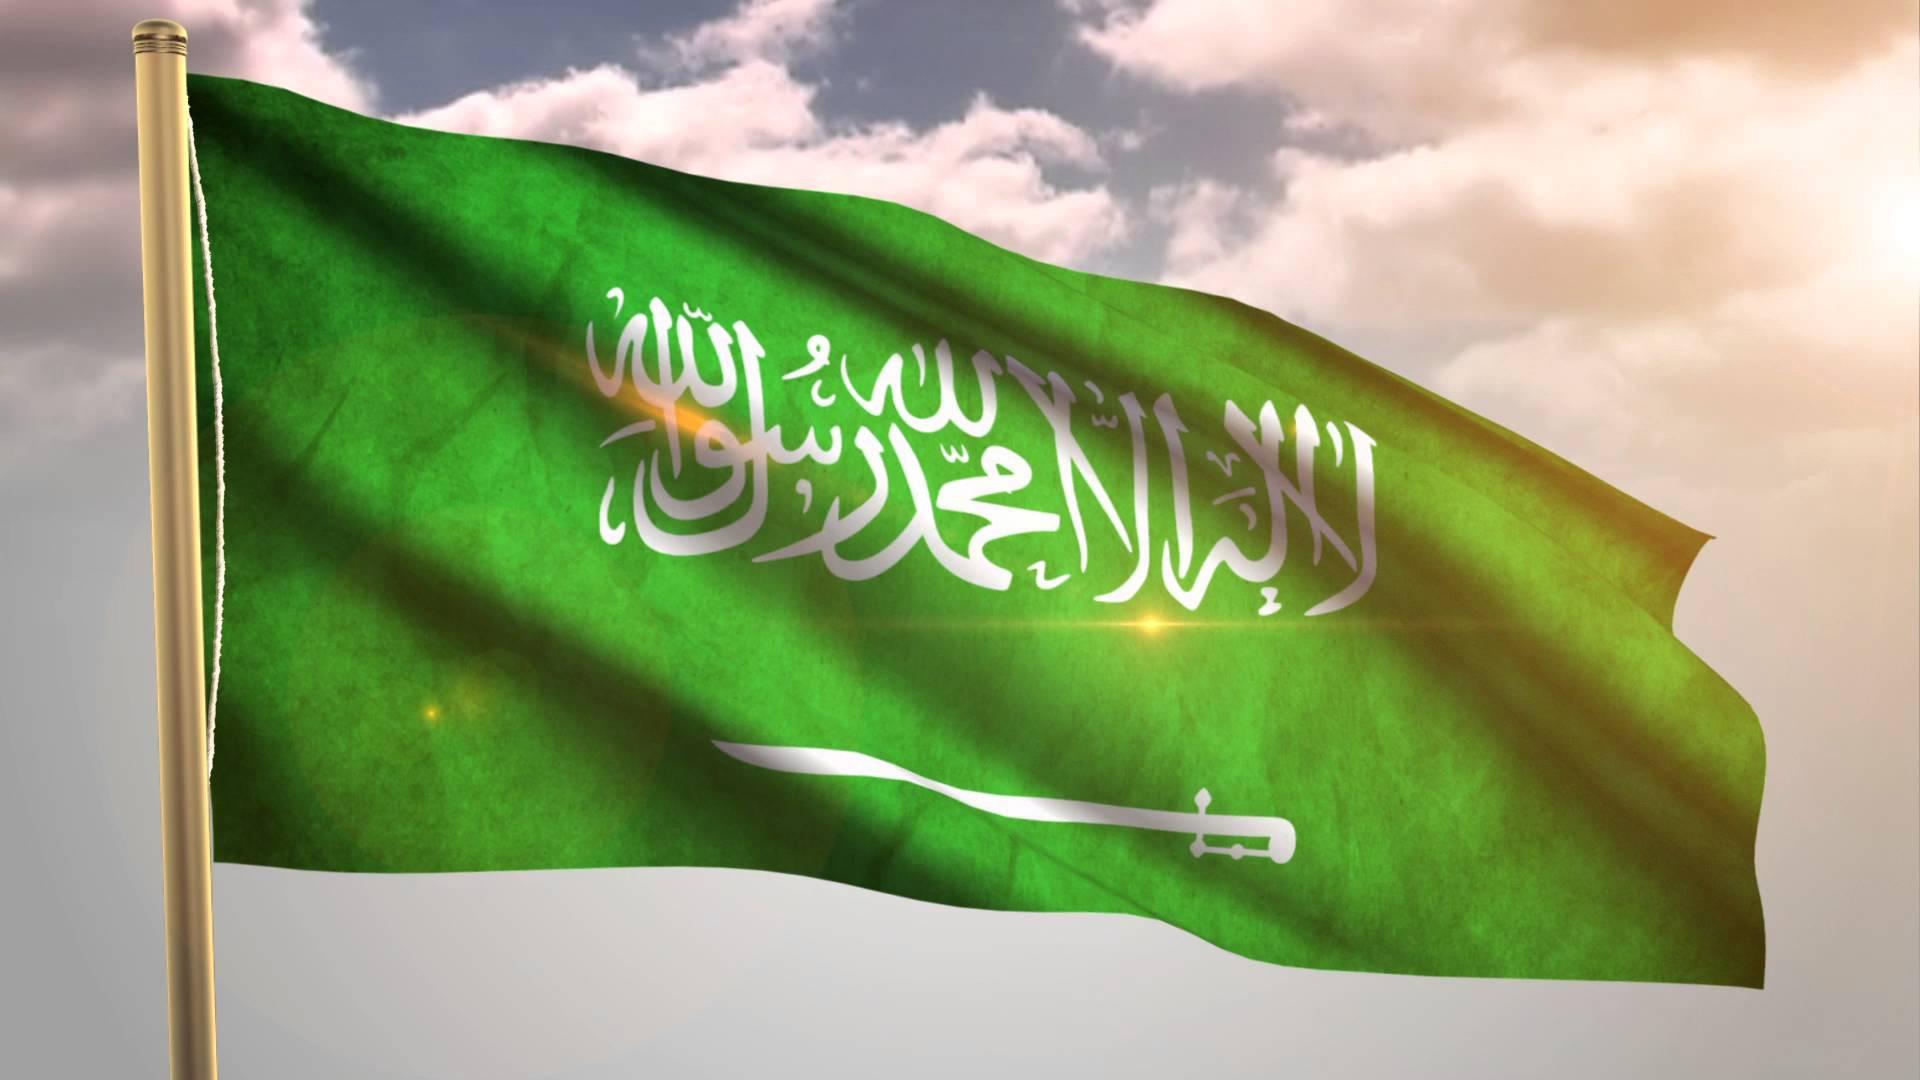 بالصور صور علم السعودية , احلى صورة لعلم السعوديه 1711 7